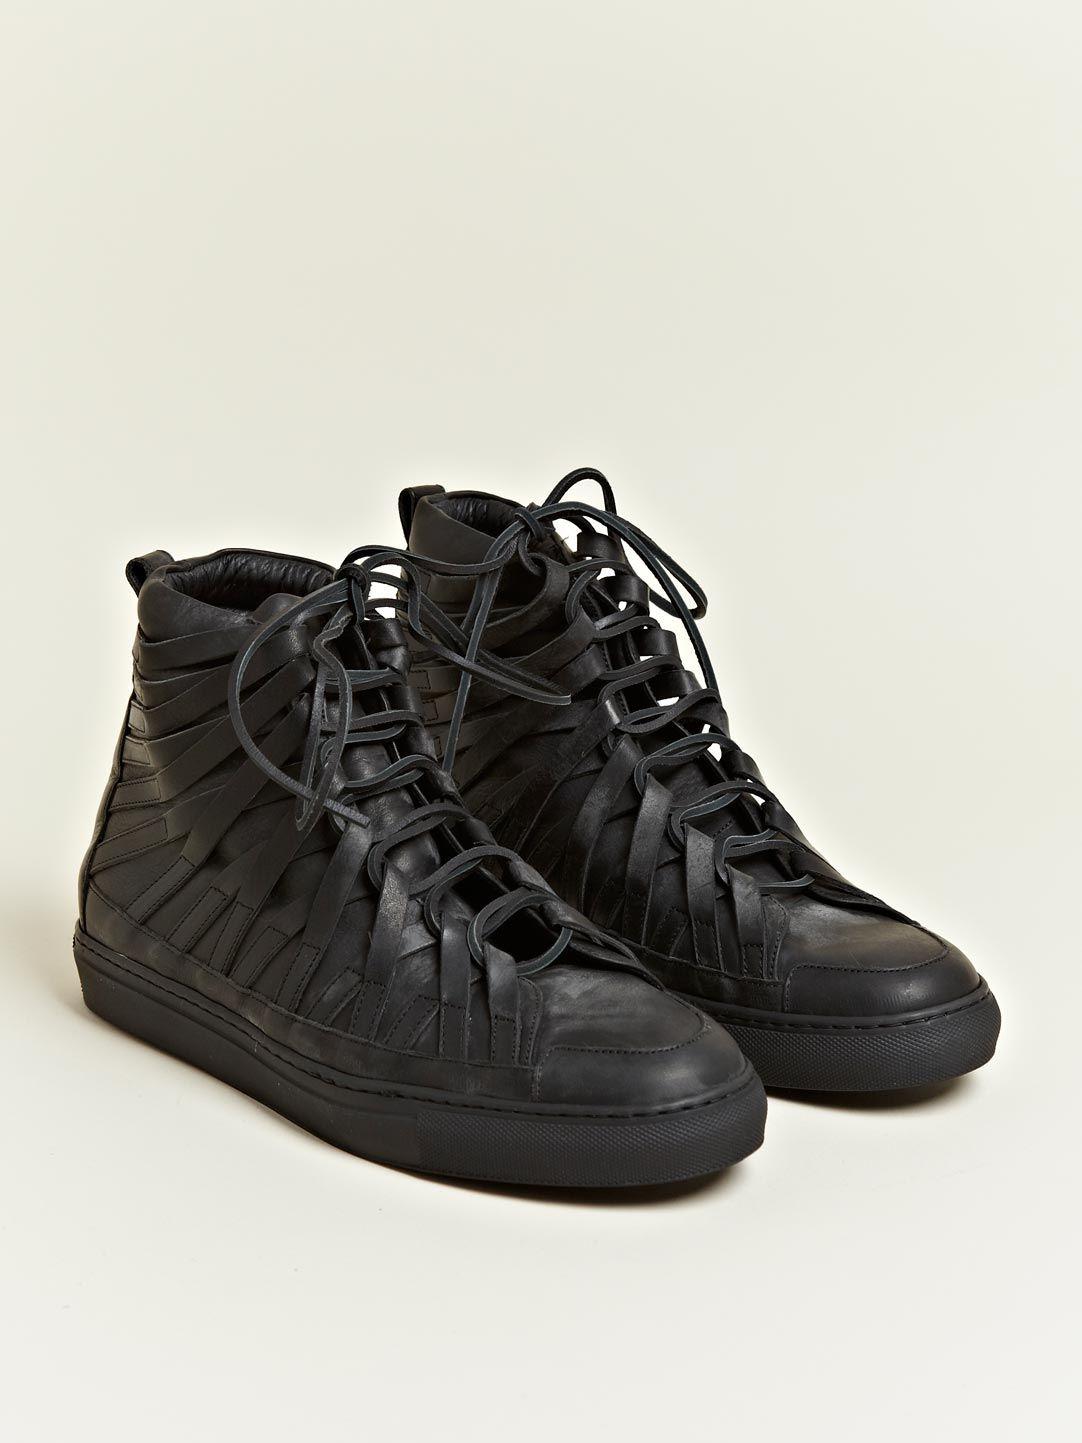 buy popular ab232 eb3dd Nike KD 7 Lifestyle  Black